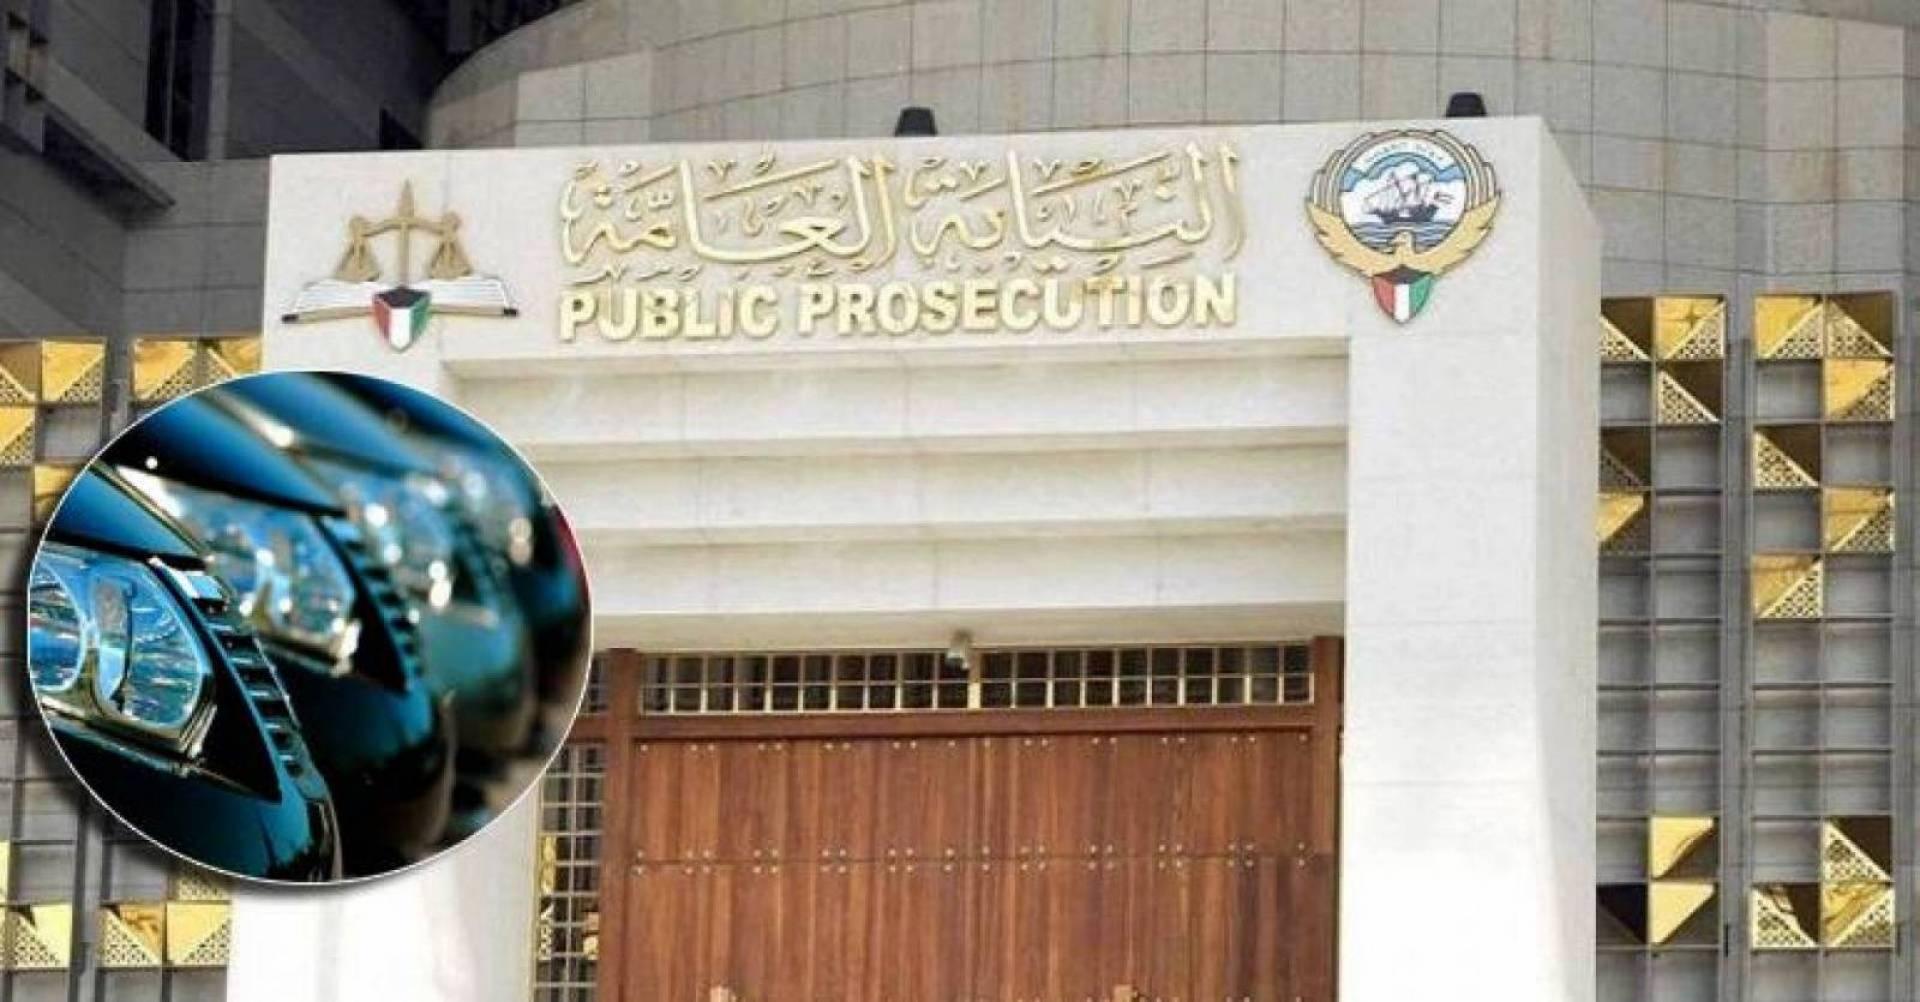 النيابة تحصر أسماء المتهمين في مكتب «السيارات المعروف».. تمهيداً لتنفيذ الضبط والإحضار